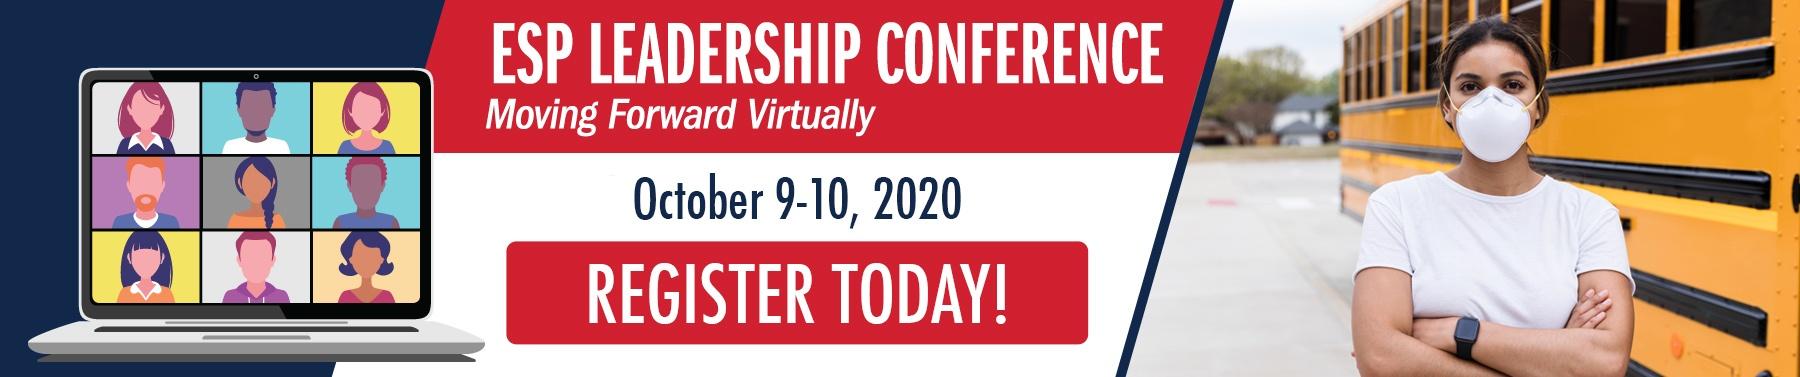 ESP Leadership Conference Registration